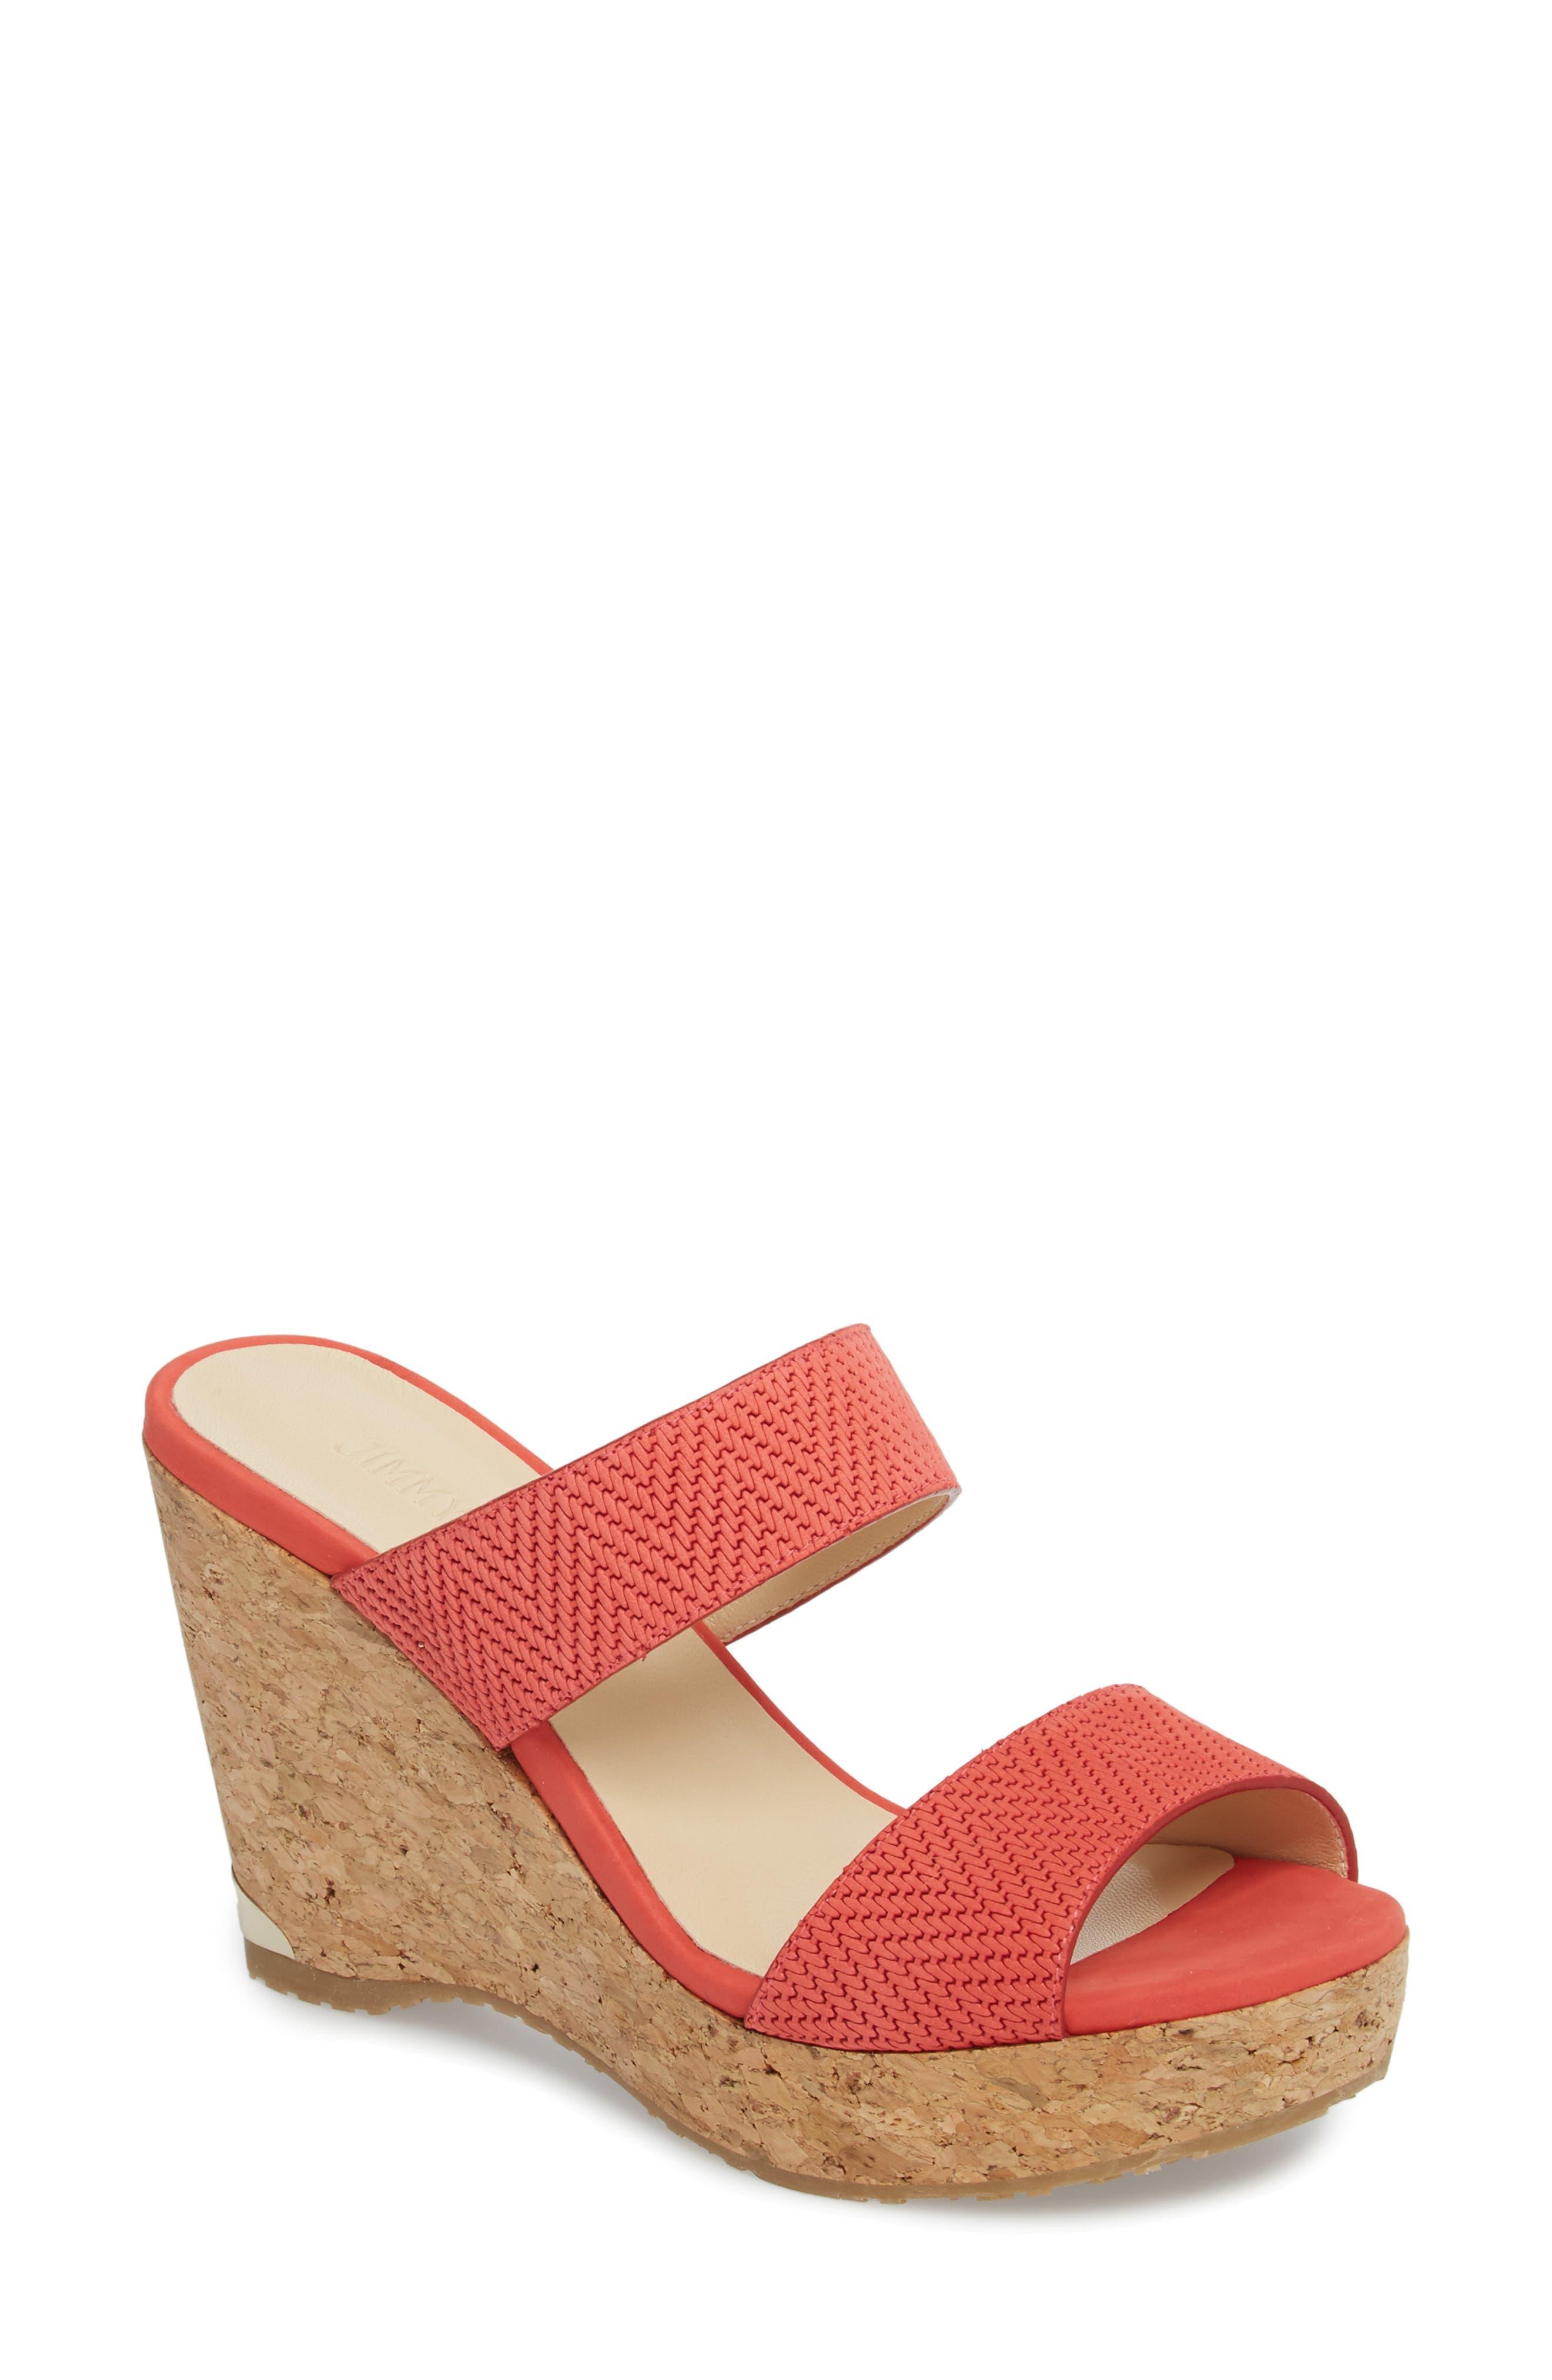 Parker Wedge Slide Sandal,                         Main,                         color, Flamingo Red